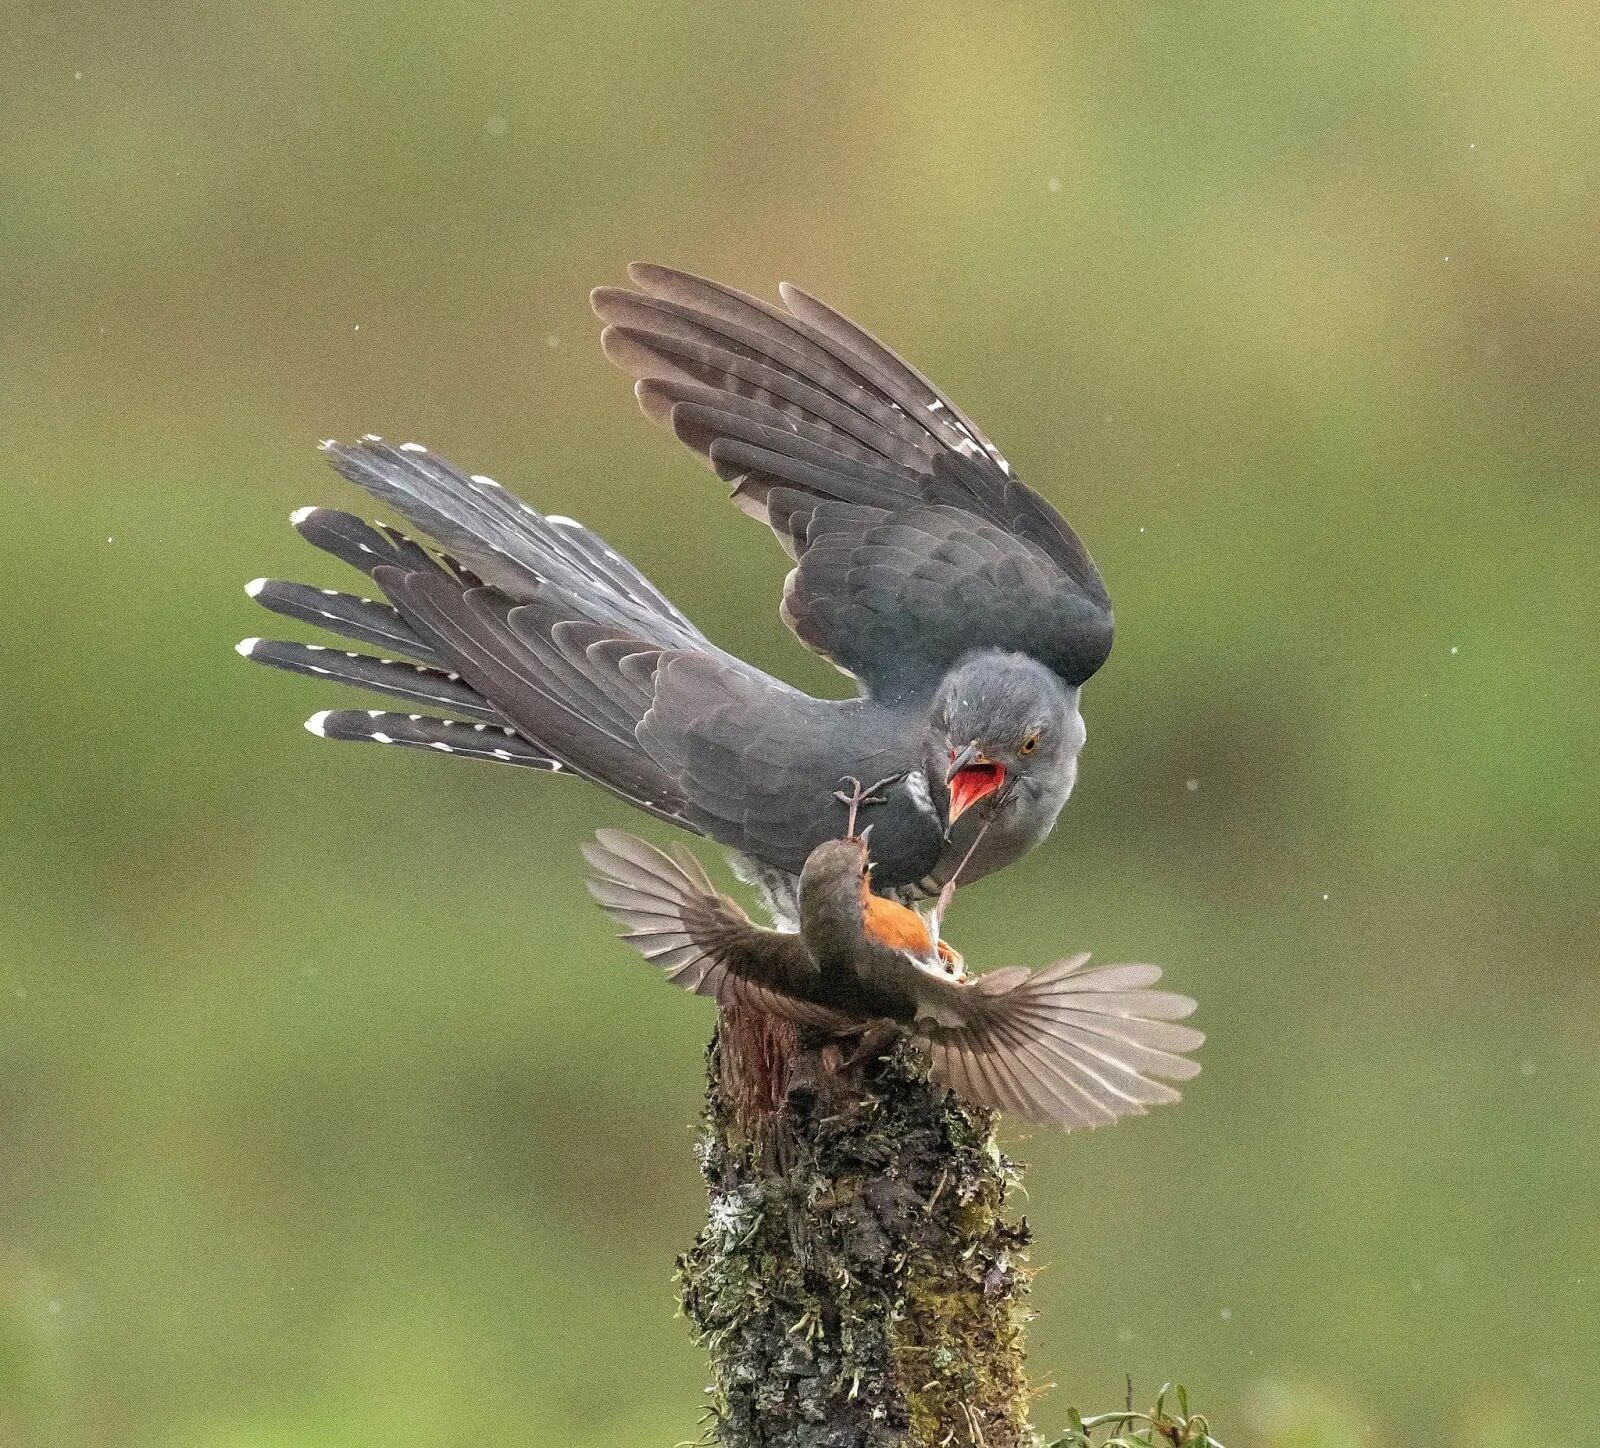 Chim hoét cổ đỏ đánh nhau với chim cu